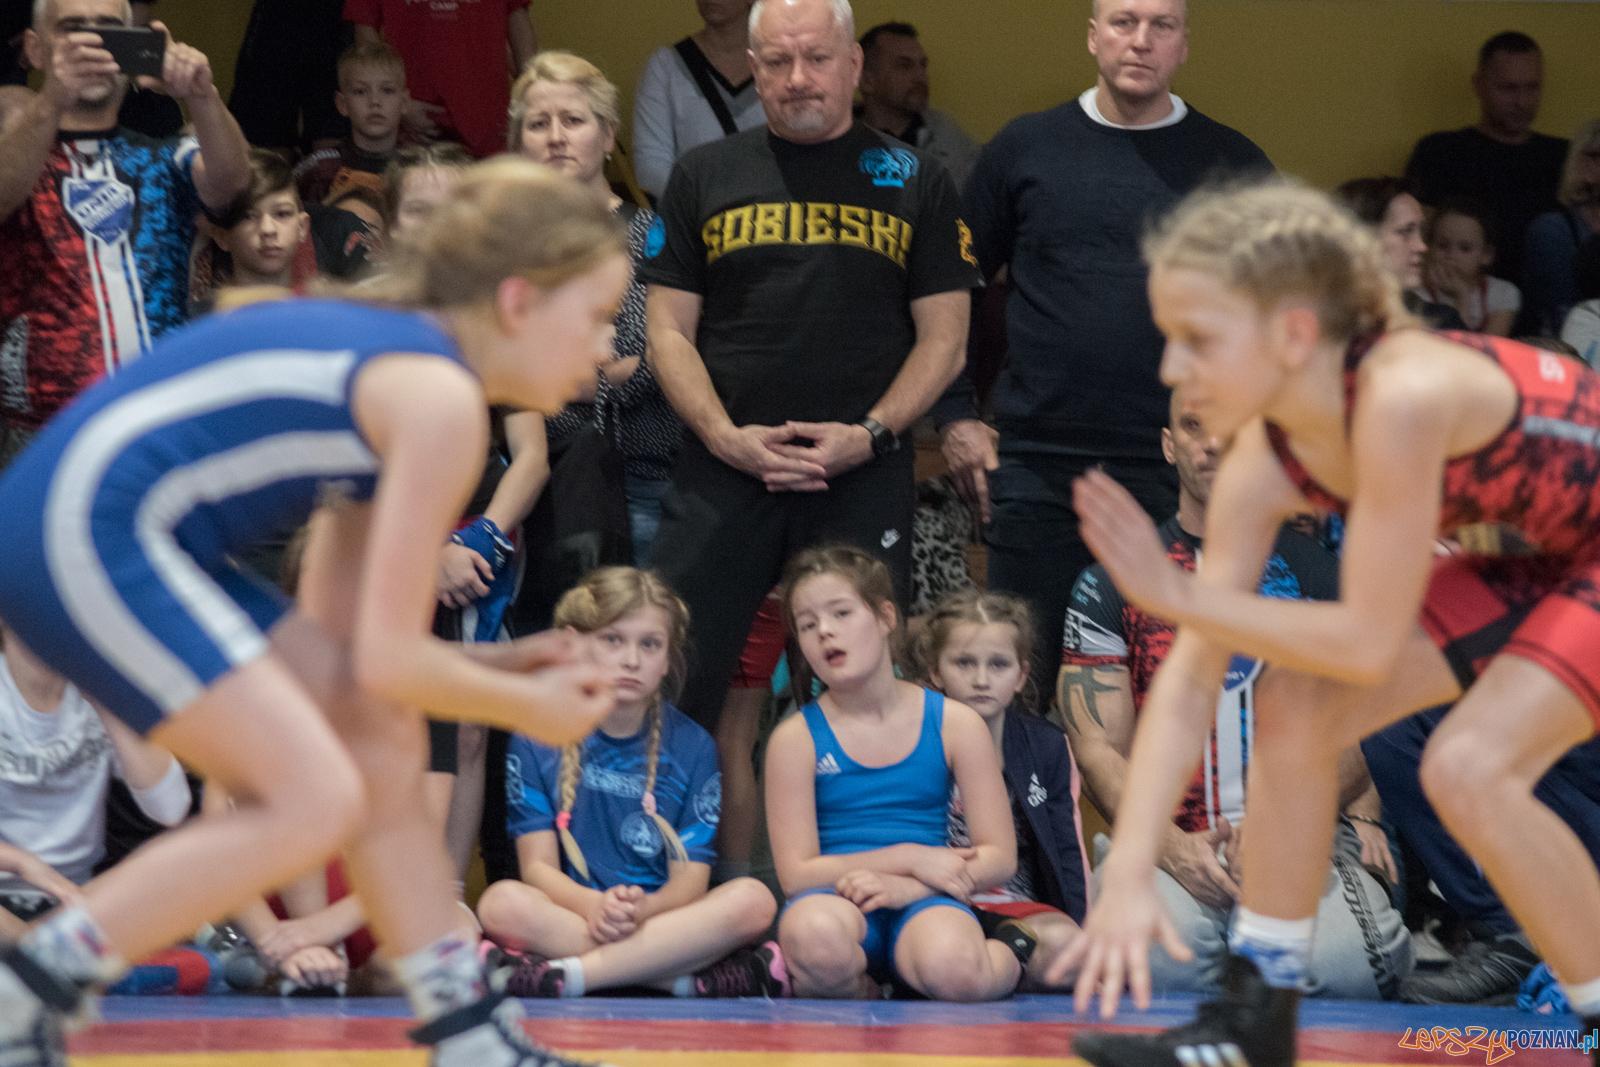 VII Memoriał Bogdana Brody - Zapasy Styl Klasyczny/Zapasy Kobie  Foto: lepszyPOZNAN.pl / Ewelina Jaśkowiak